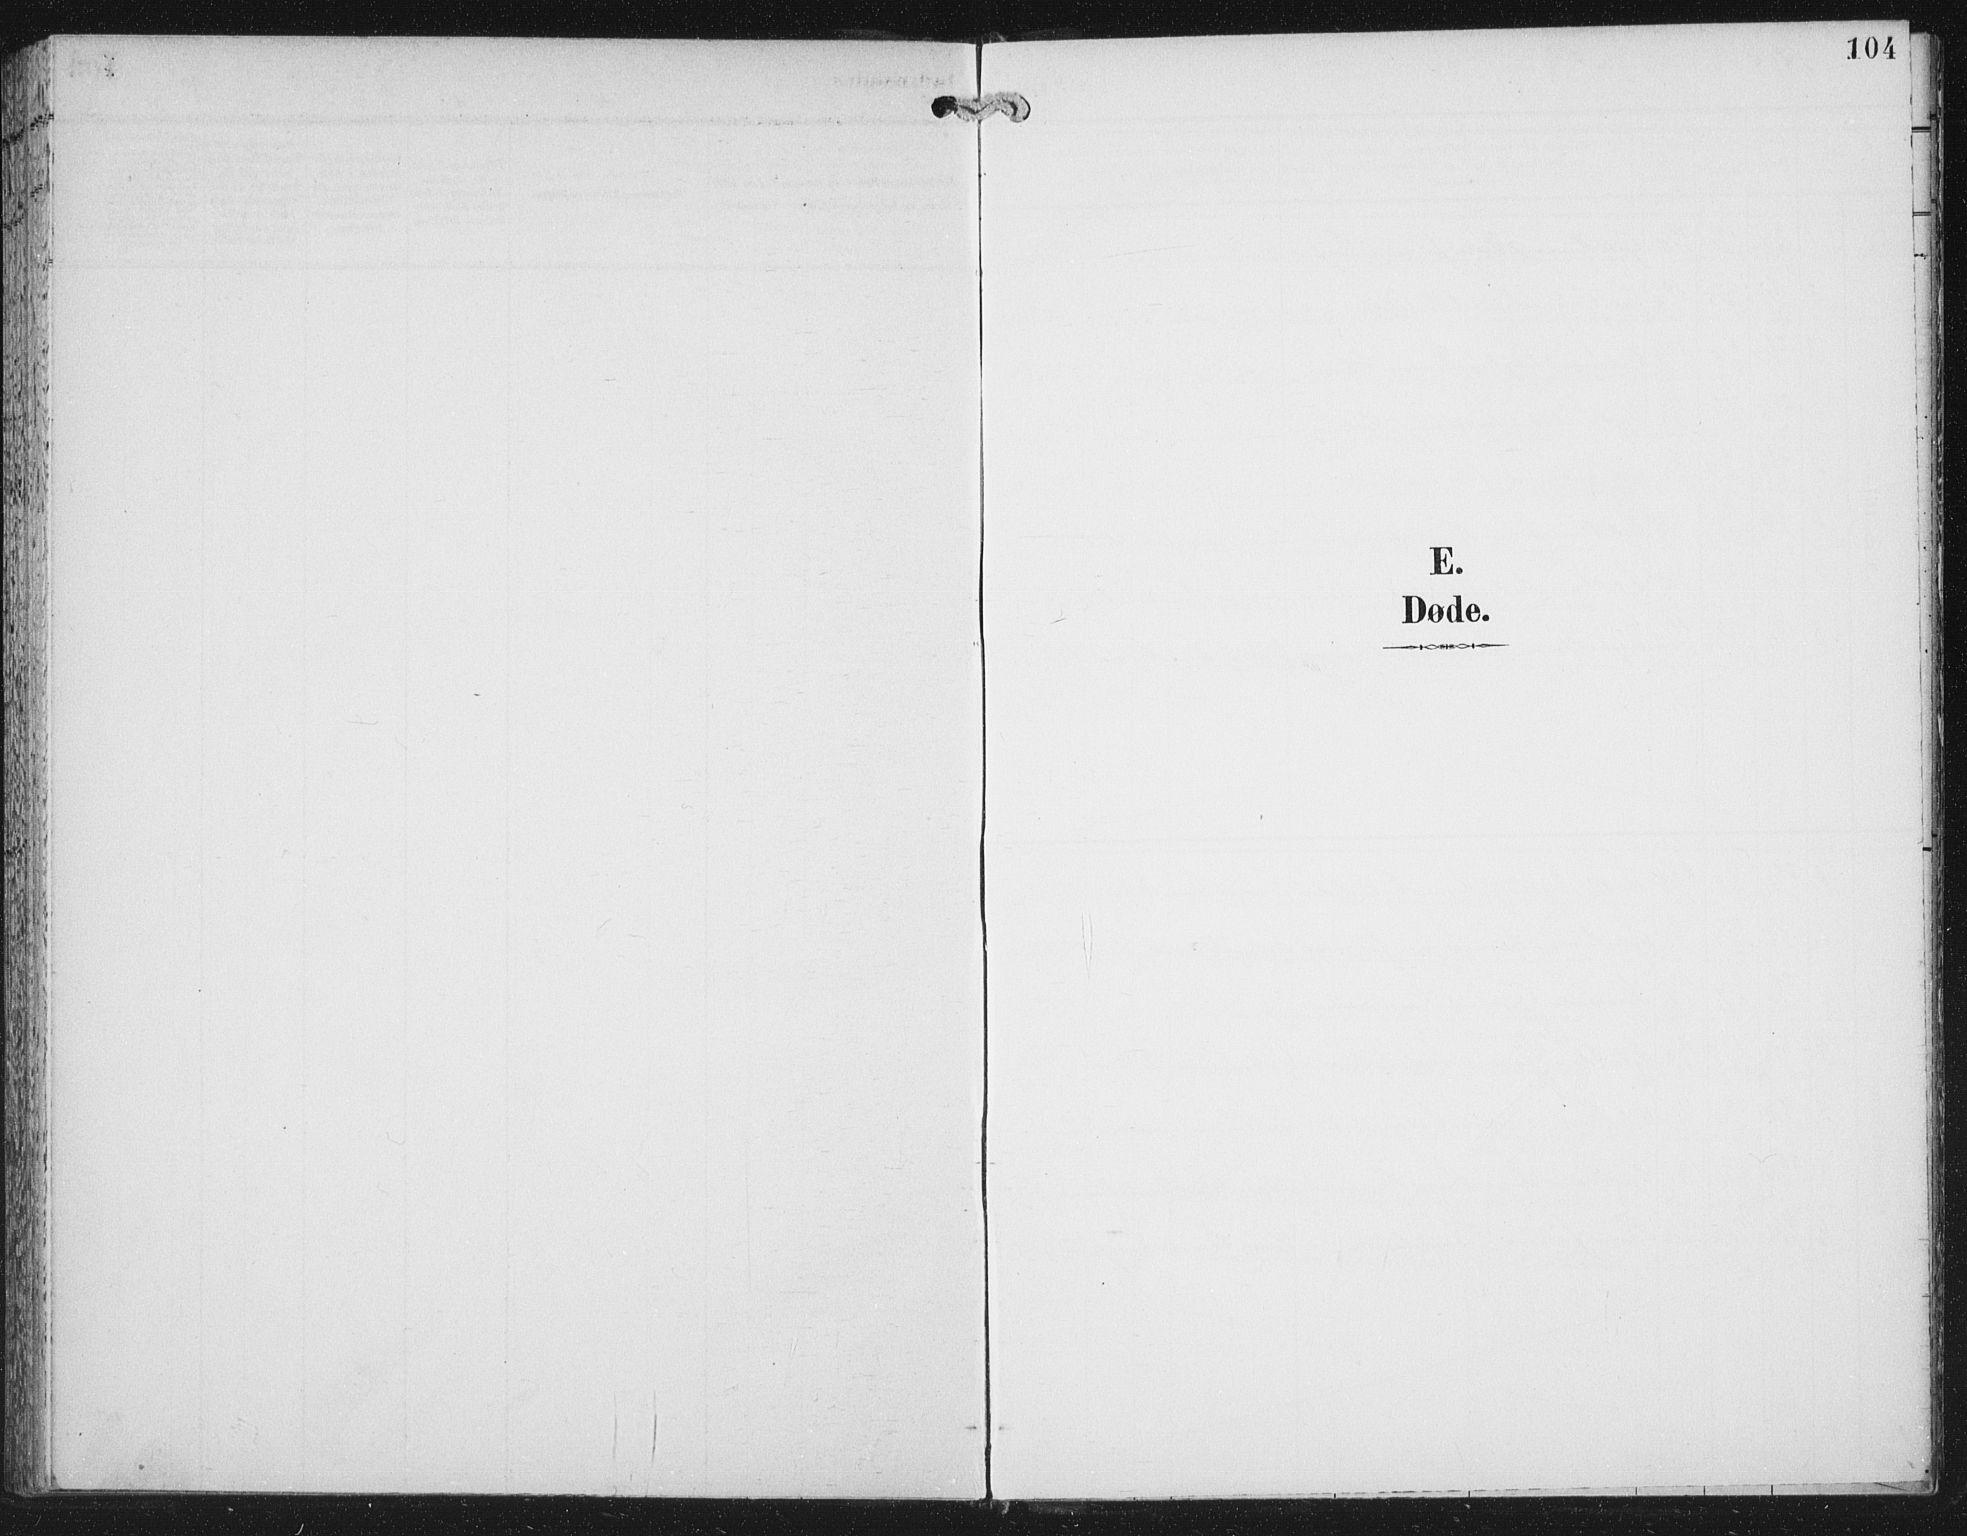 SAT, Ministerialprotokoller, klokkerbøker og fødselsregistre - Nord-Trøndelag, 702/L0024: Parish register (official) no. 702A02, 1898-1914, p. 104